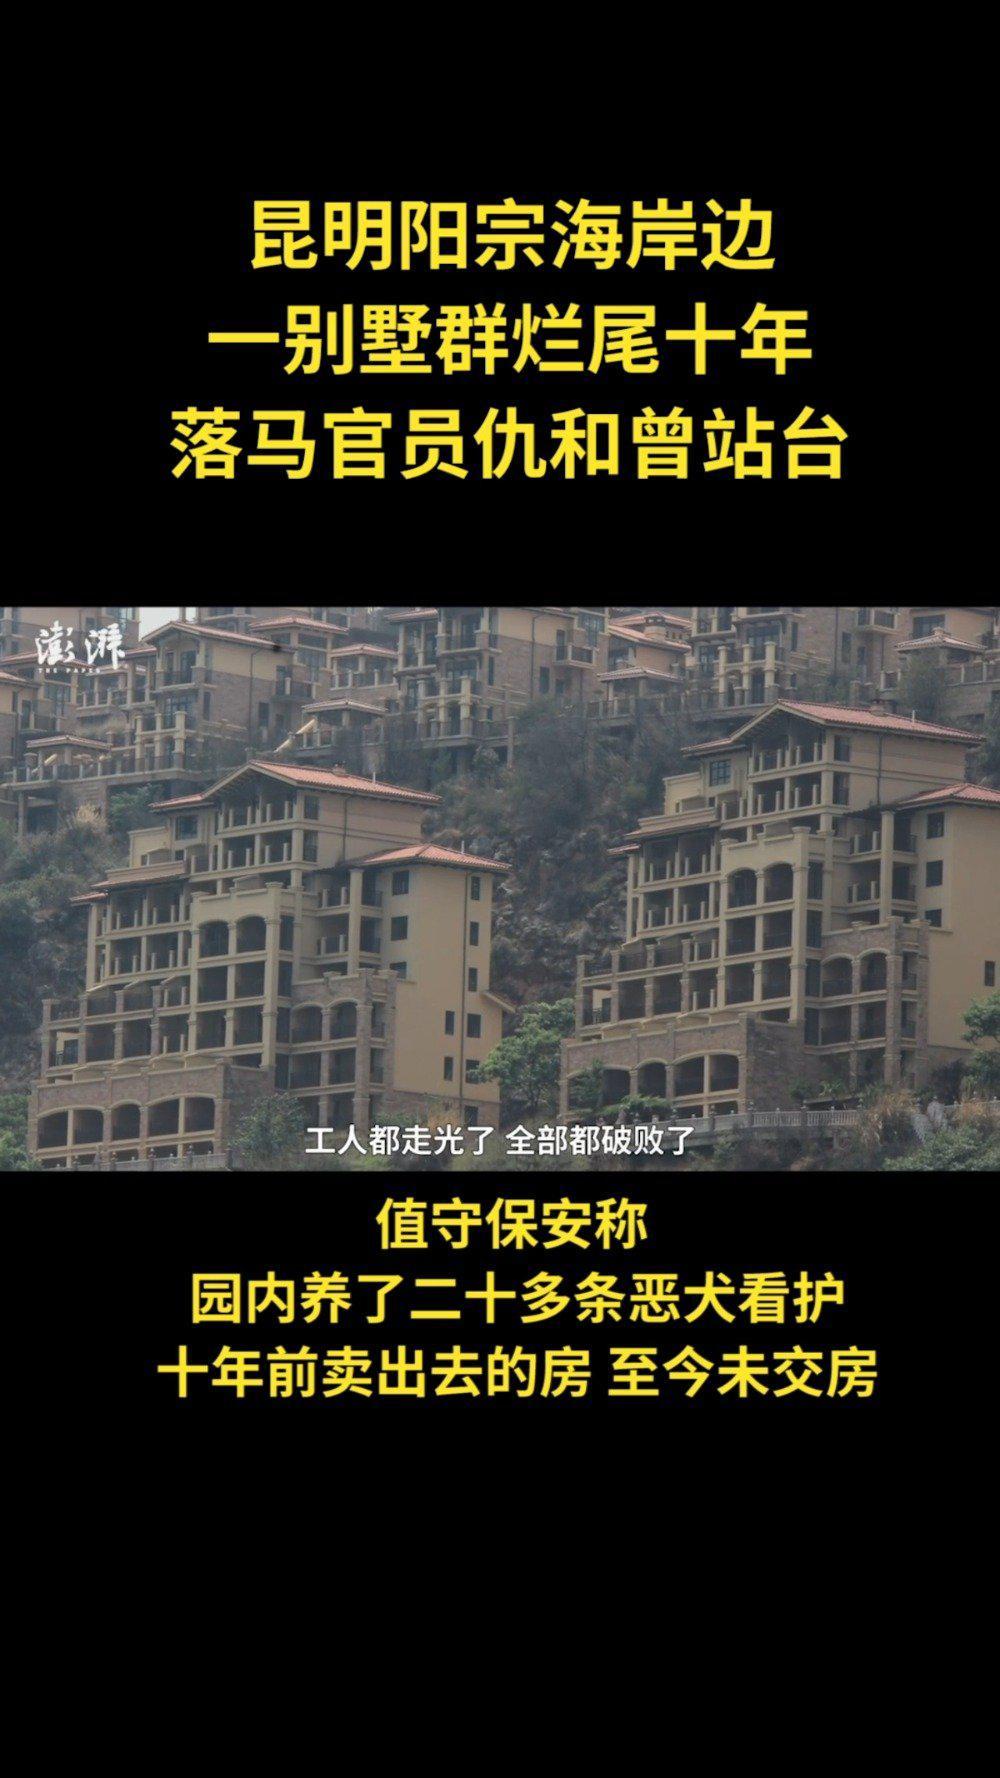 昆明阳宗海别墅群烂尾十年